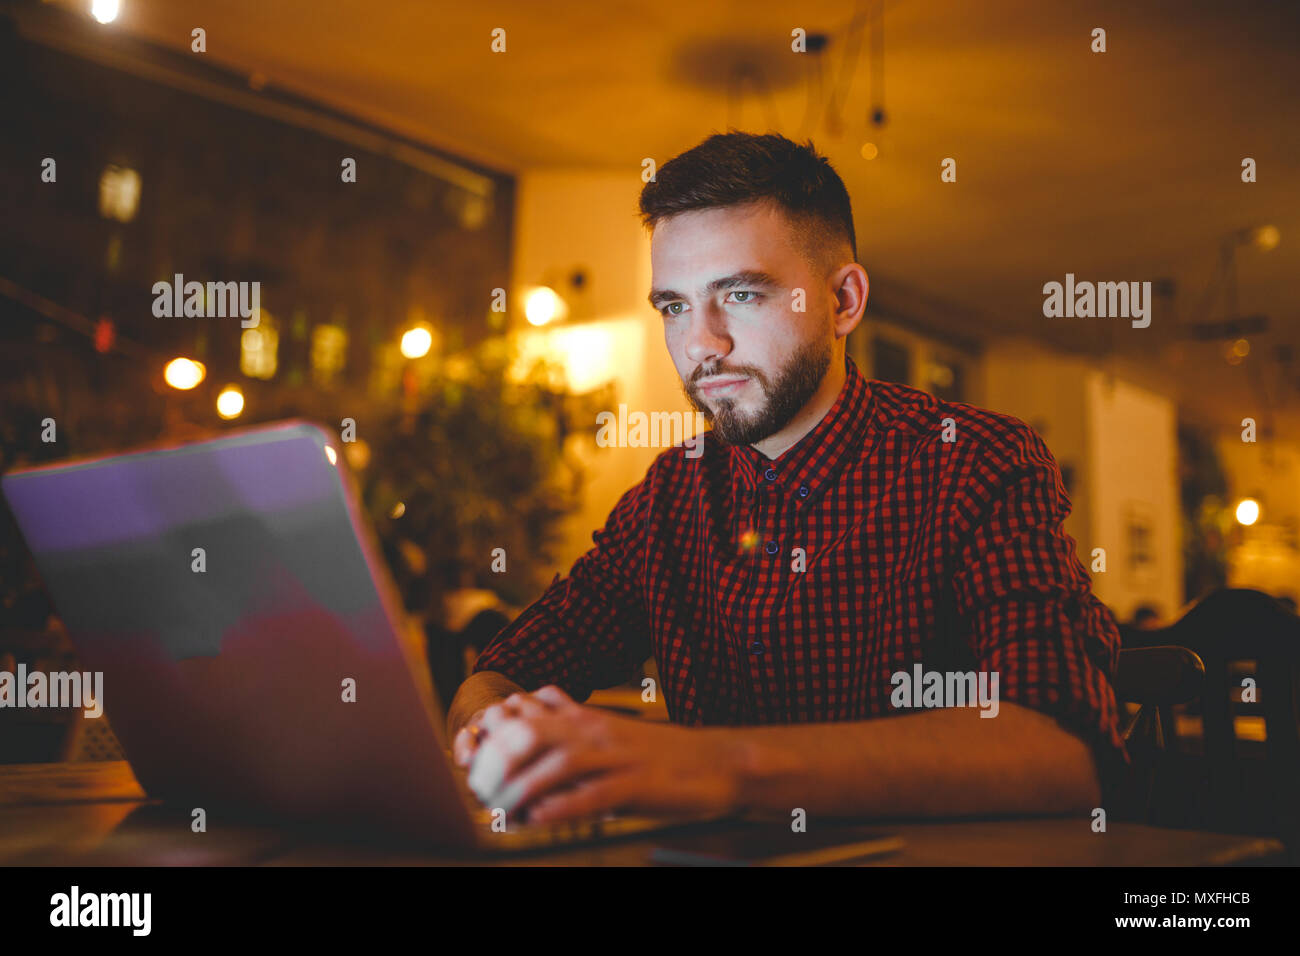 Un beau jeune homme de race blanche avec barbe et sourire à pleines dents dans une chemise à carreaux rouge fonctionne derrière un ordinateur portable gris assis à une table en bois. Les mains sur le clavier. Dans la soirée au café Banque D'Images